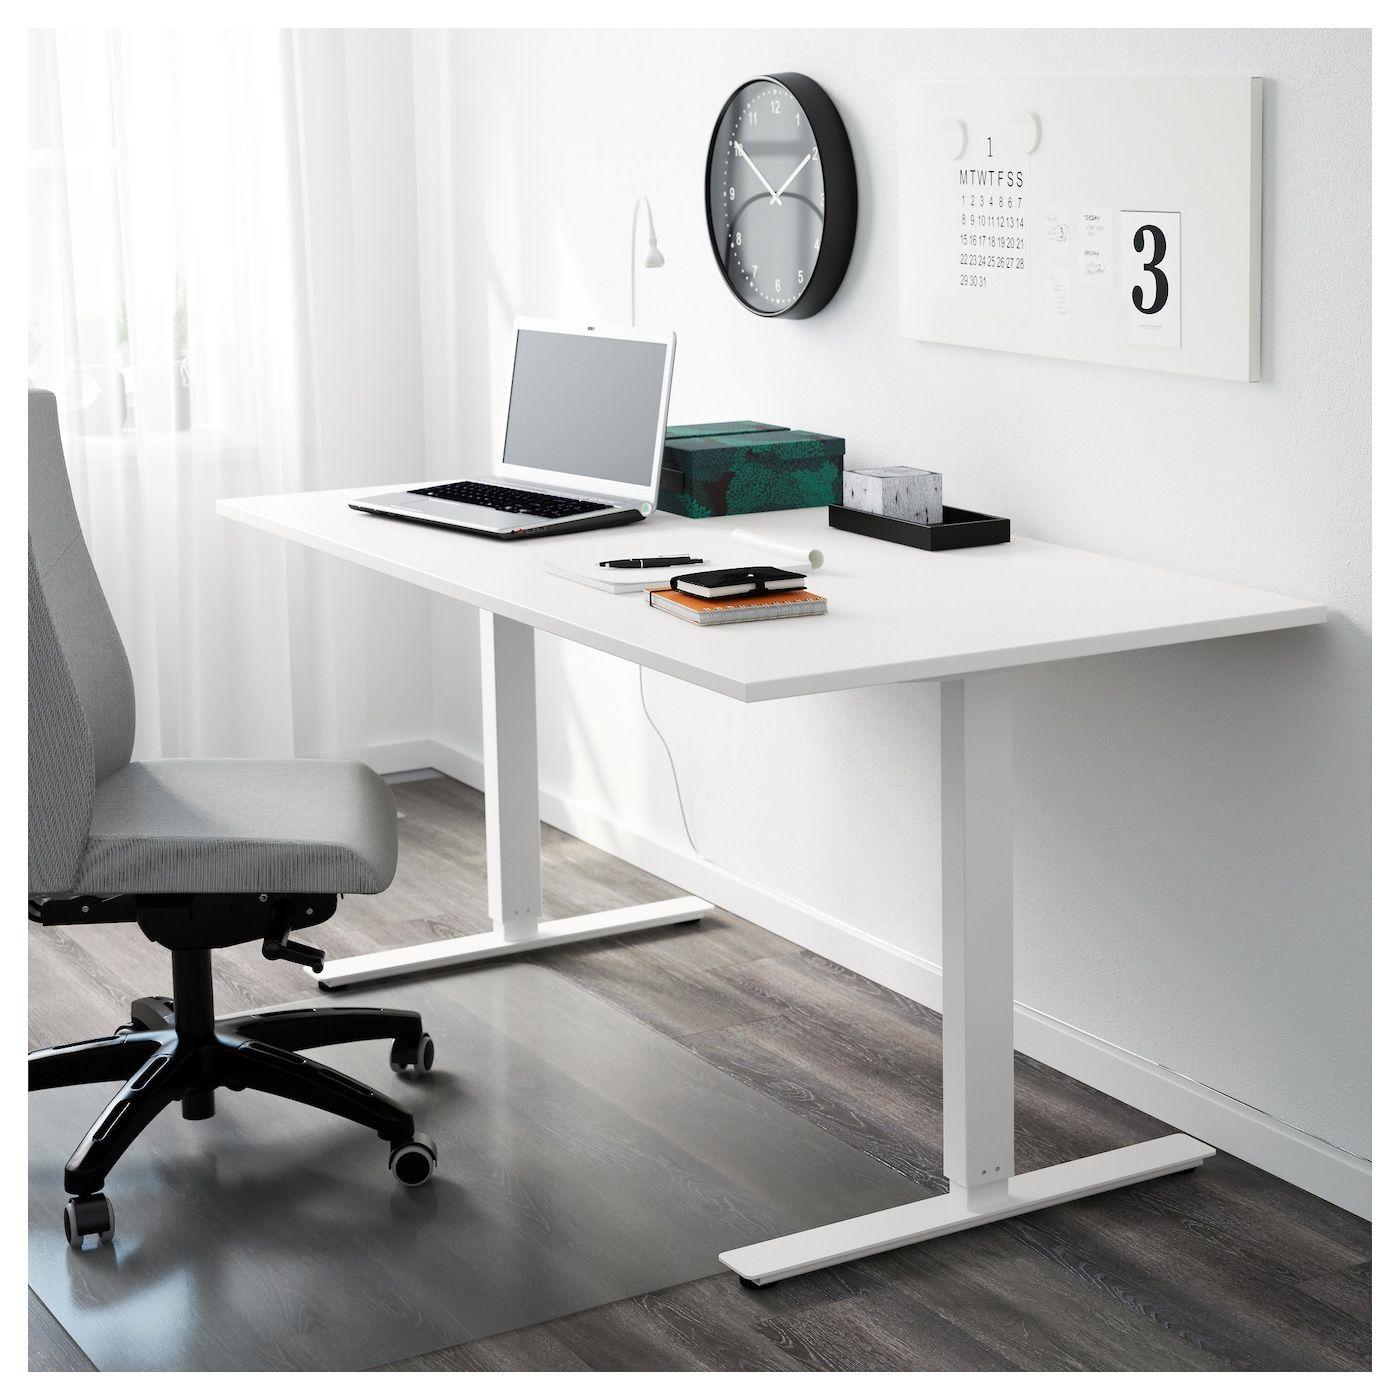 Ikea Mobler Inredning Och Inspiration Hausburo Schreibtische Schubladenelement Tisch Weiss